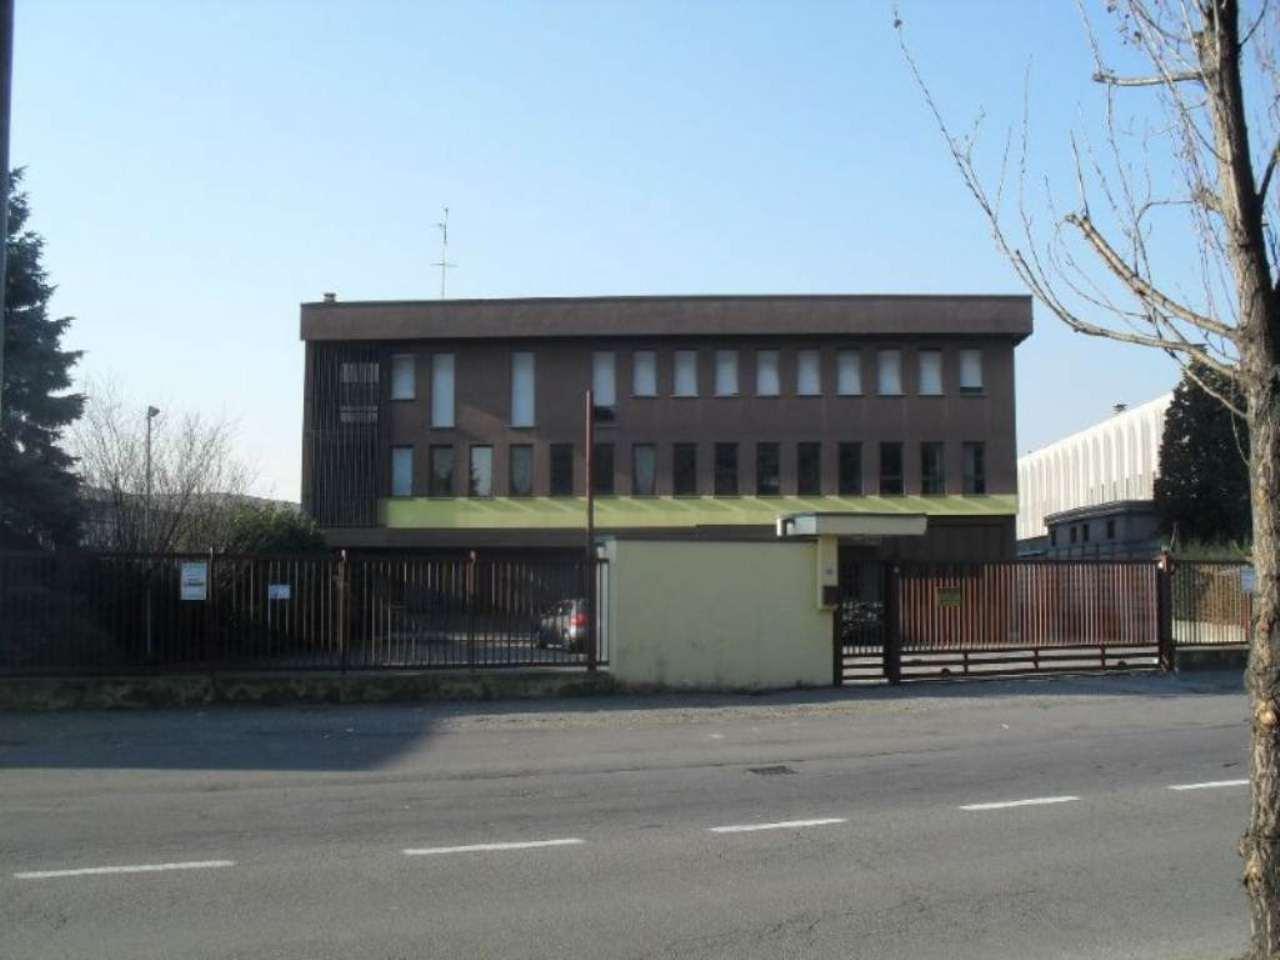 Capannone in vendita a Seregno, 9999 locali, prezzo € 1.500.000 | CambioCasa.it